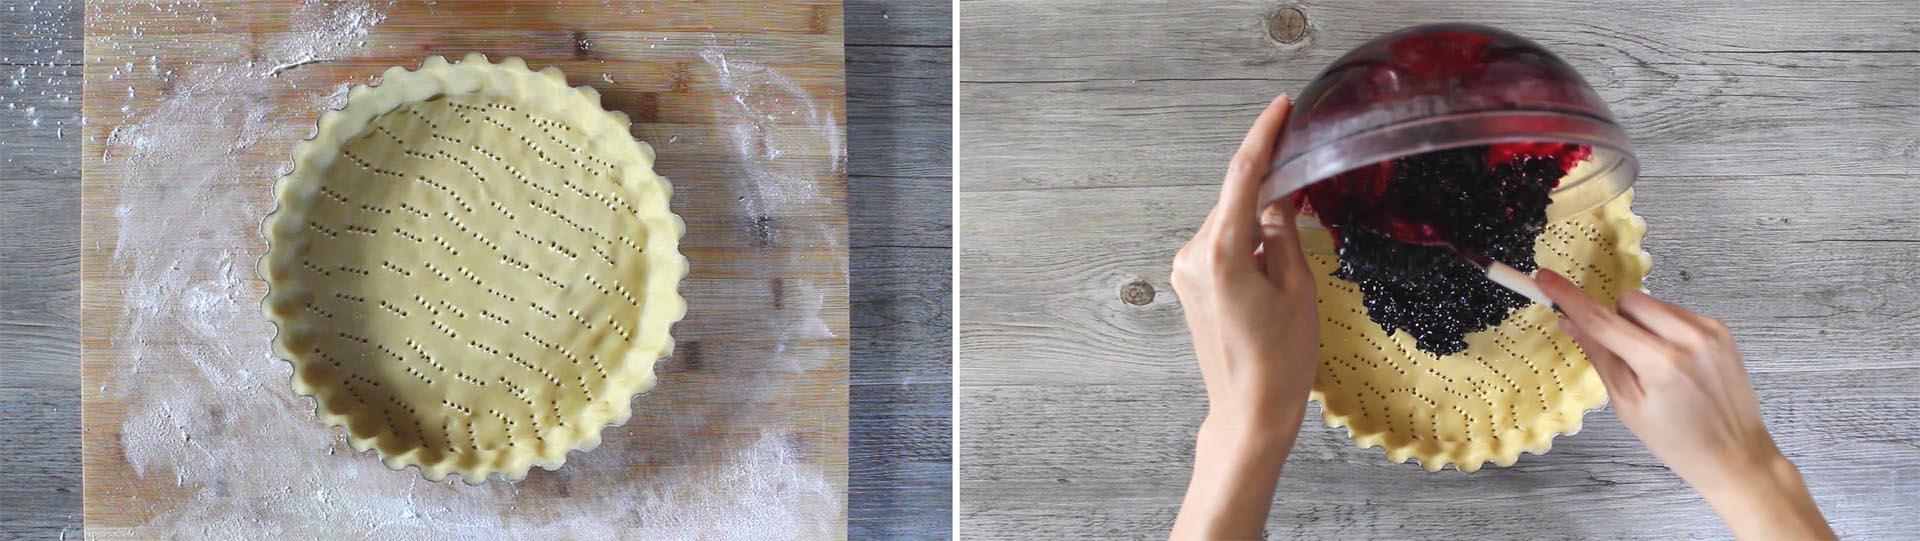 crostata-di-mirtilli_preparazione